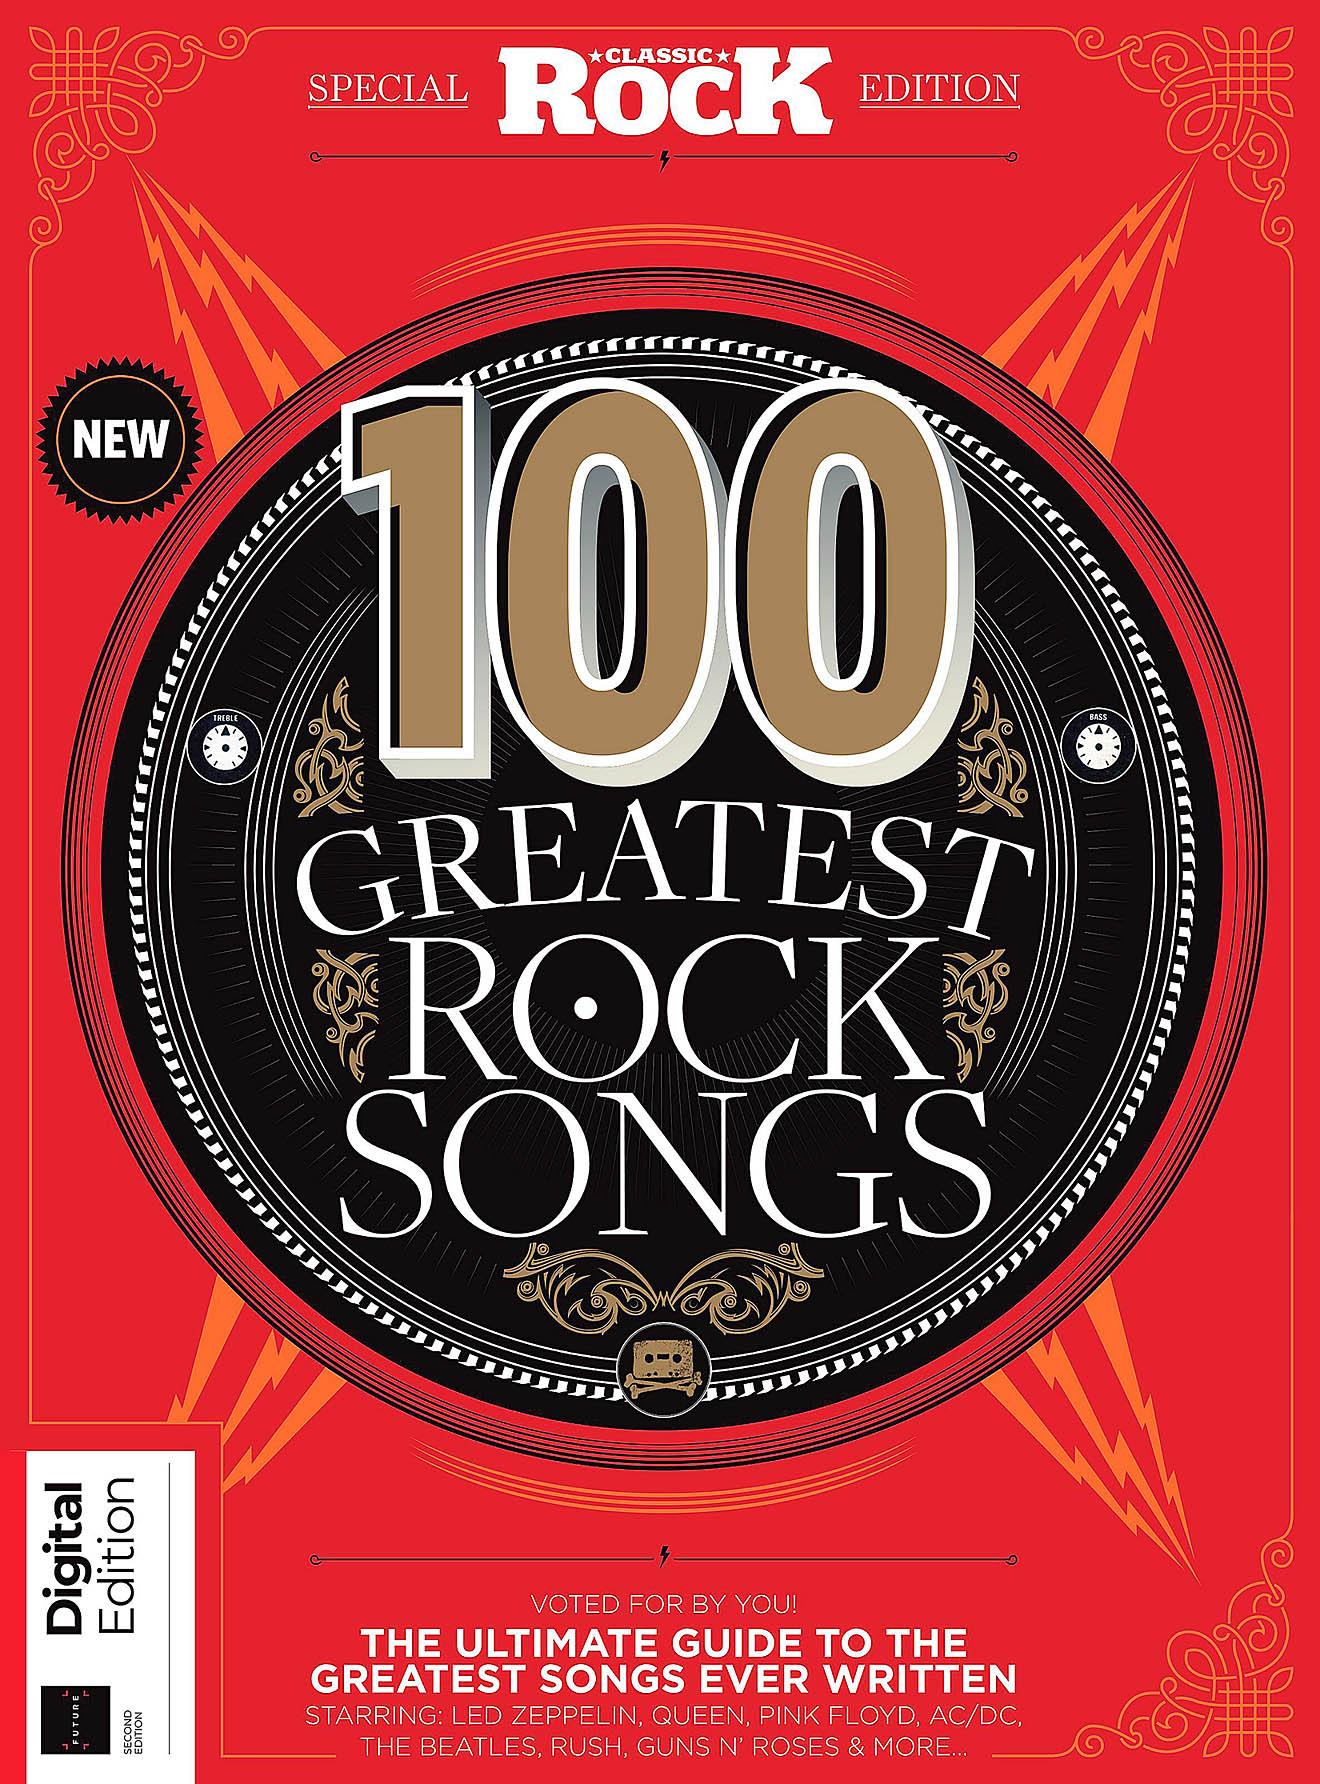 Classic Rock Sp - 100 Greatest Rock Songs 2021.jpg